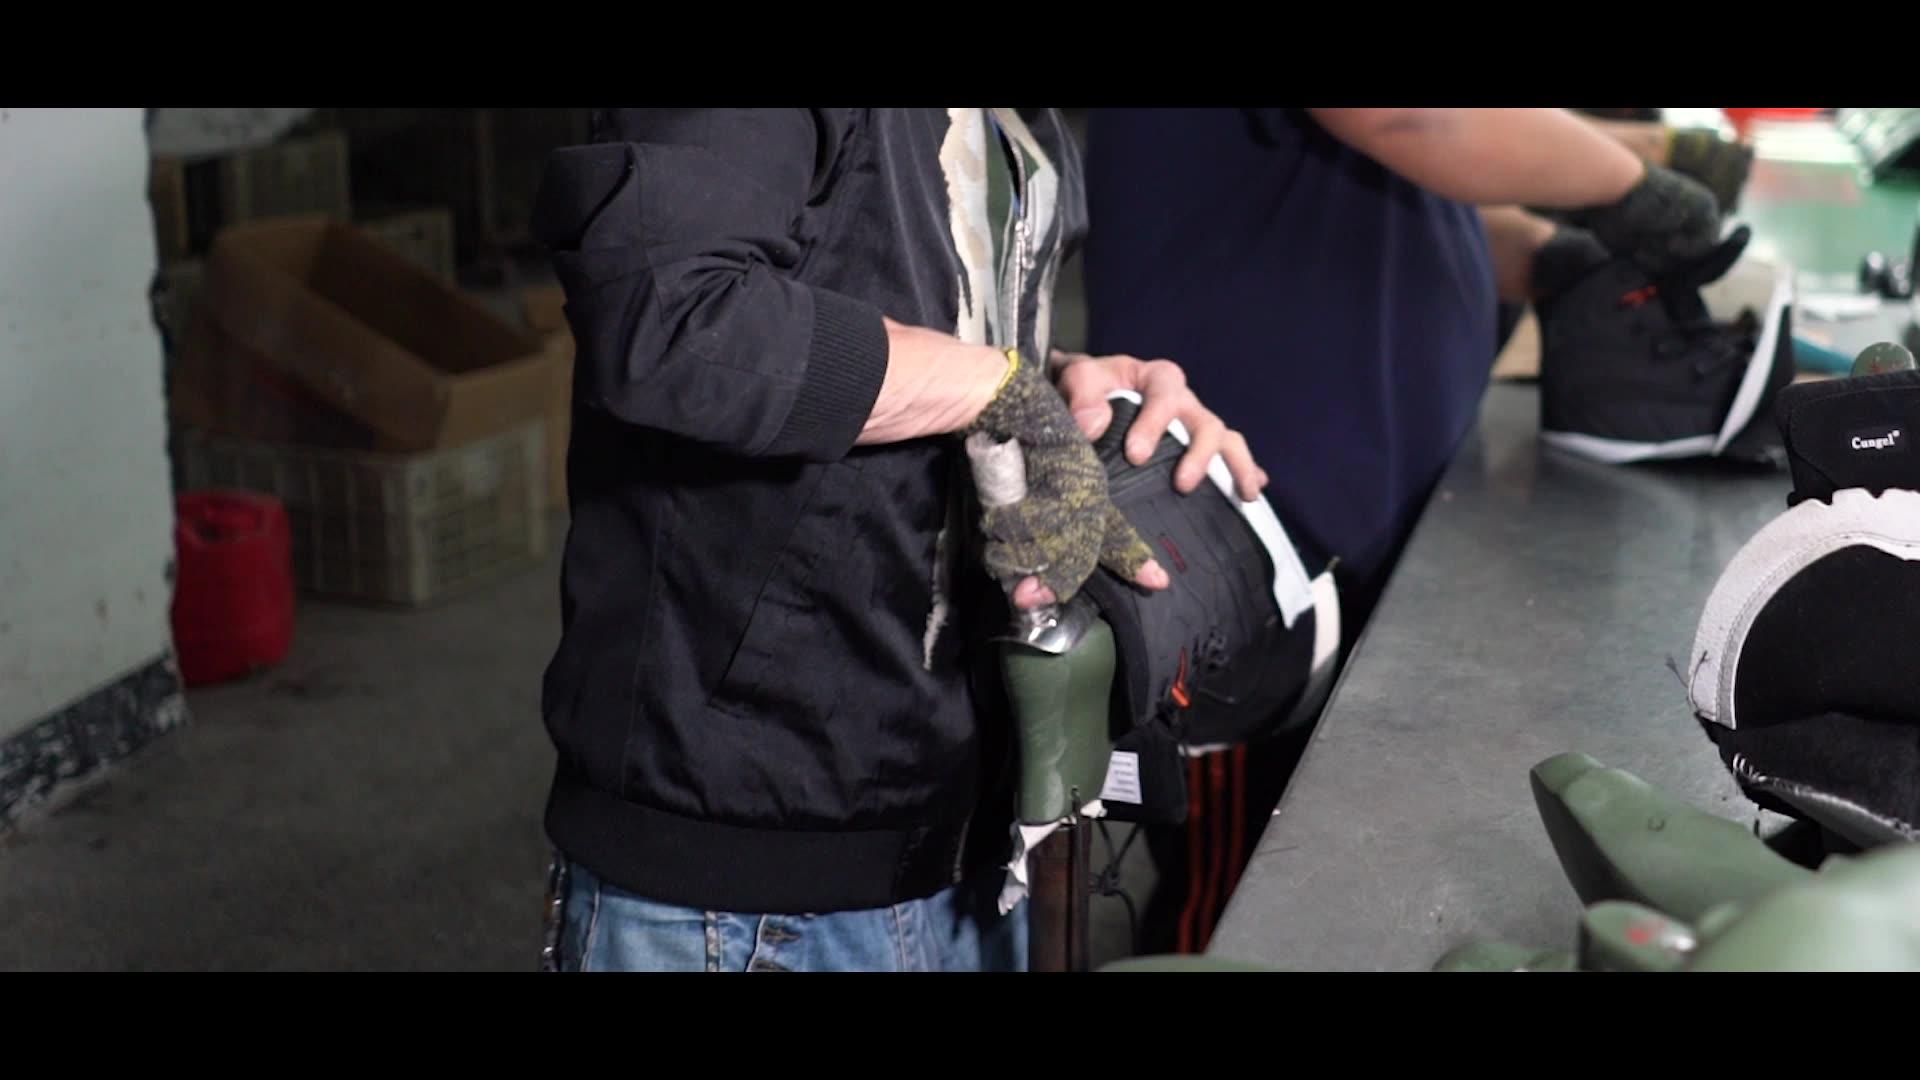 Sepatu Bot Militer Taktis Pria, Sepatu Bot Kerja Mendaki Gunung 2019, Sneaker Tahan Air dengan Harga Pabrik Musim Dingin